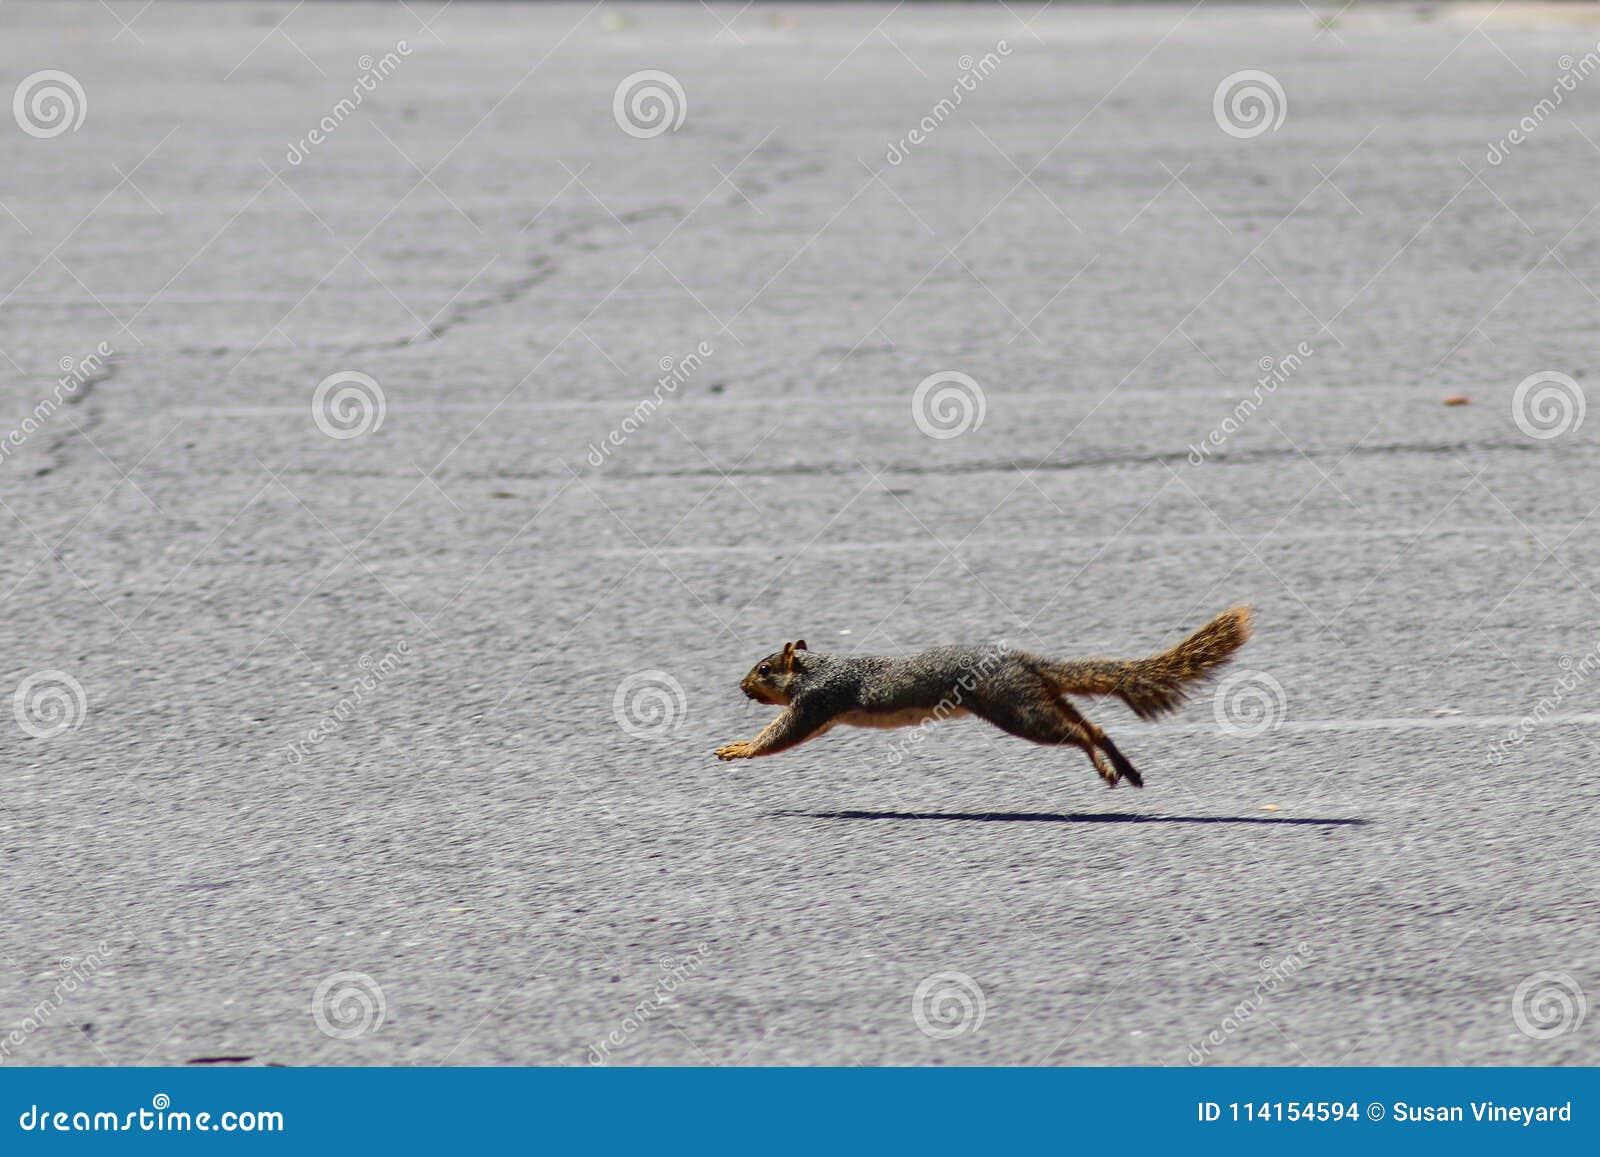 Eekhoorn die in beweging - in een sprong van de grond lopen en wordt gevangen